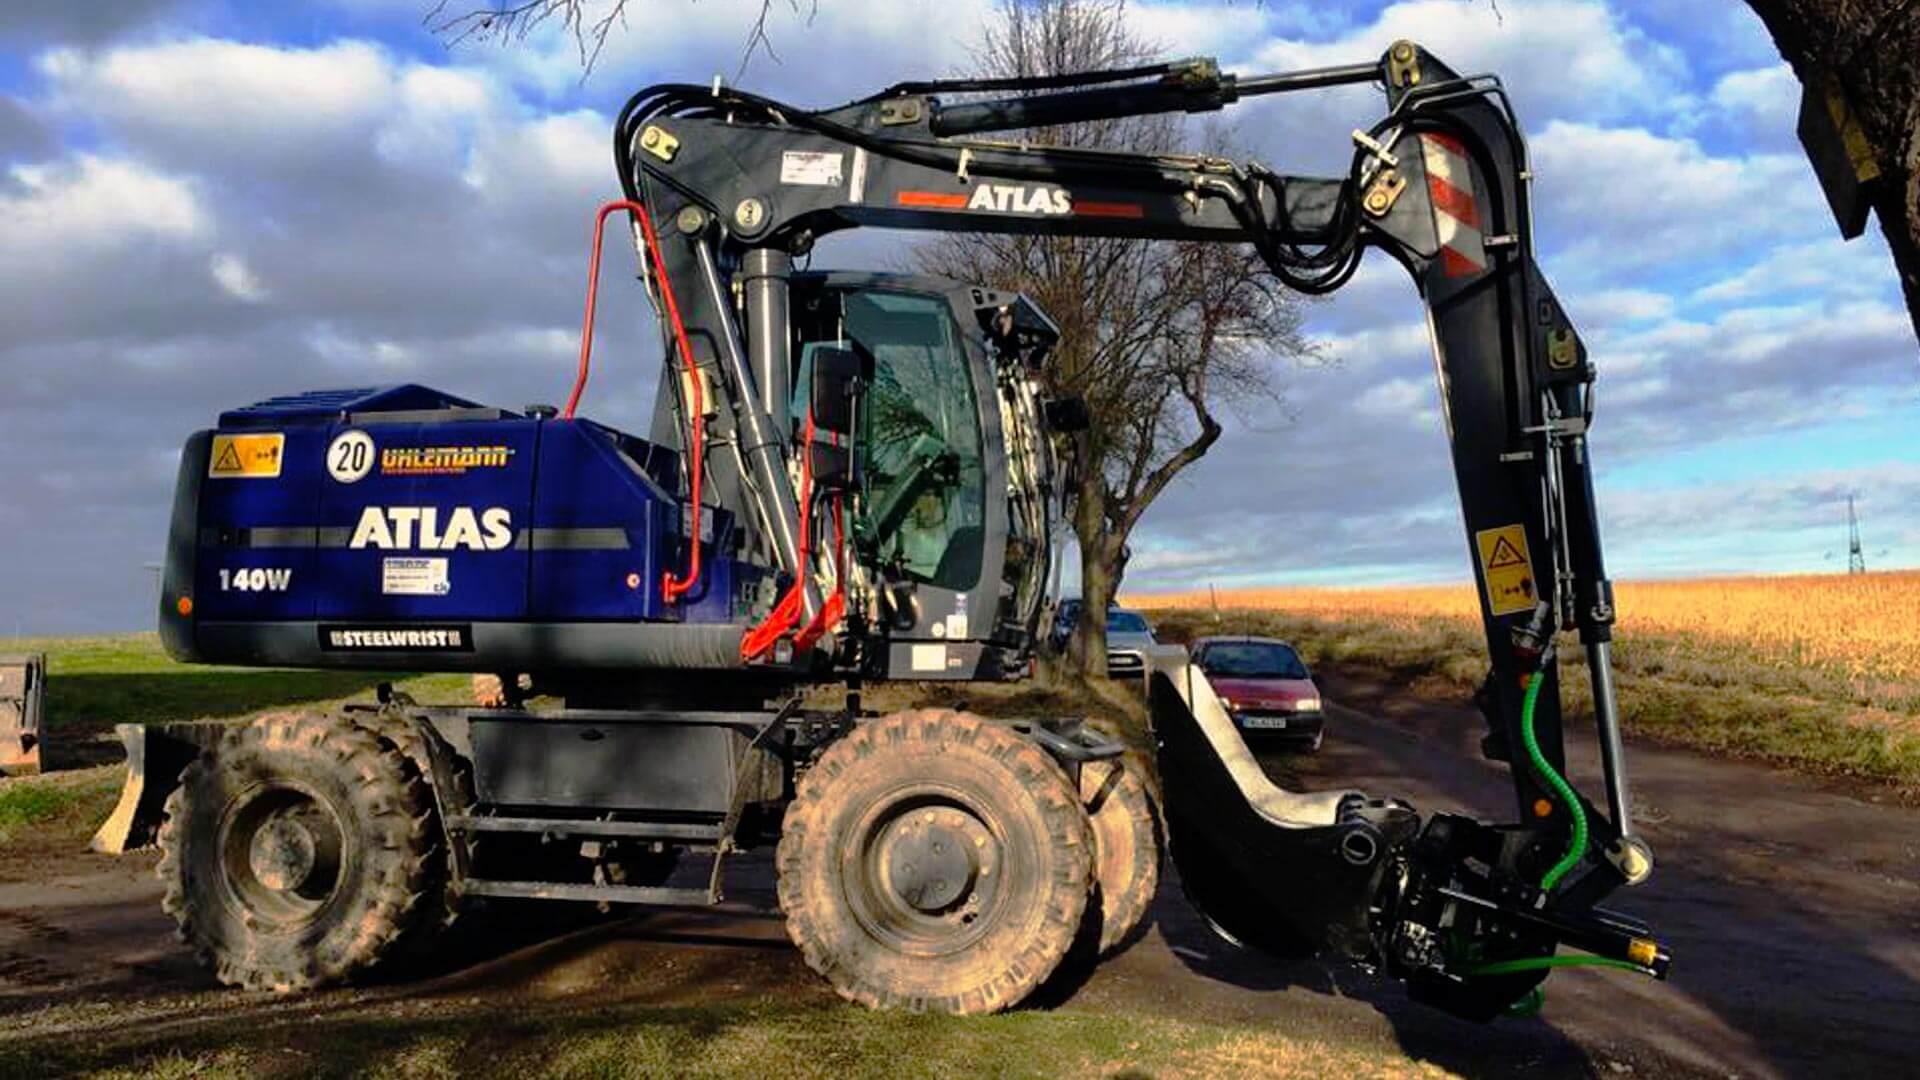 Picture Atlas Excavator and Steelwrist tiltrotator